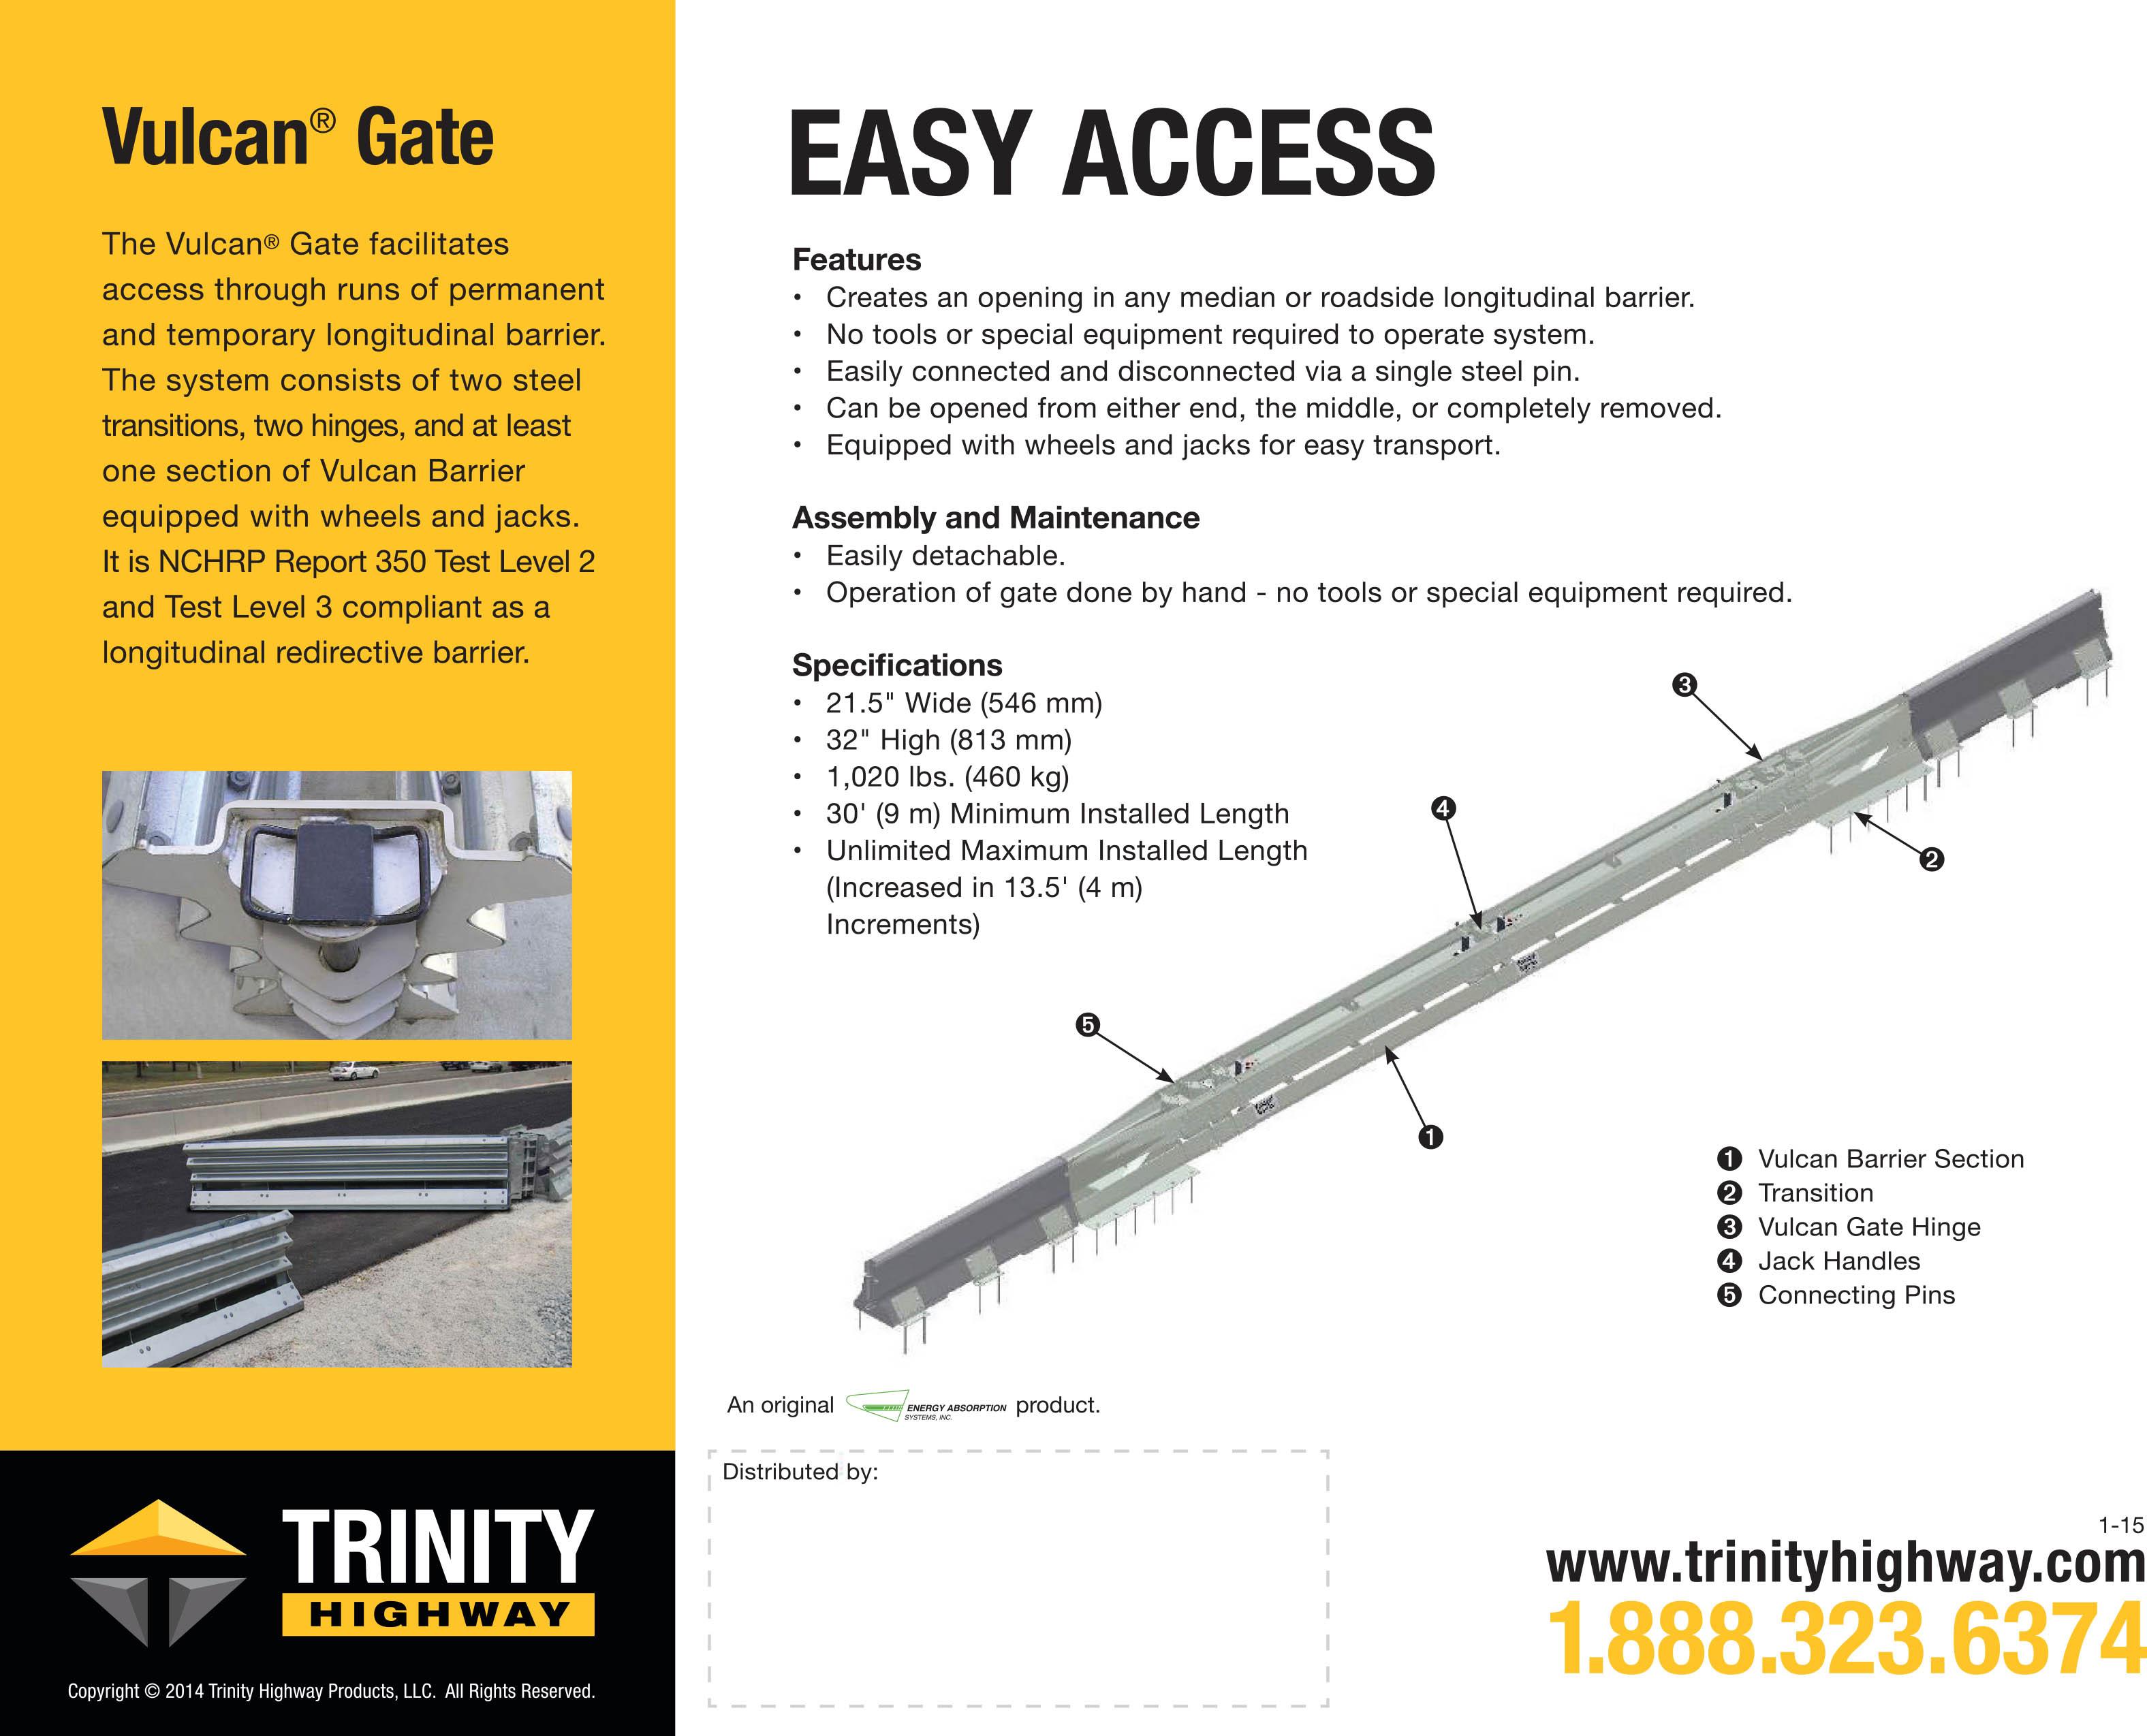 TH Vulcan Gate 1-26-15.indd